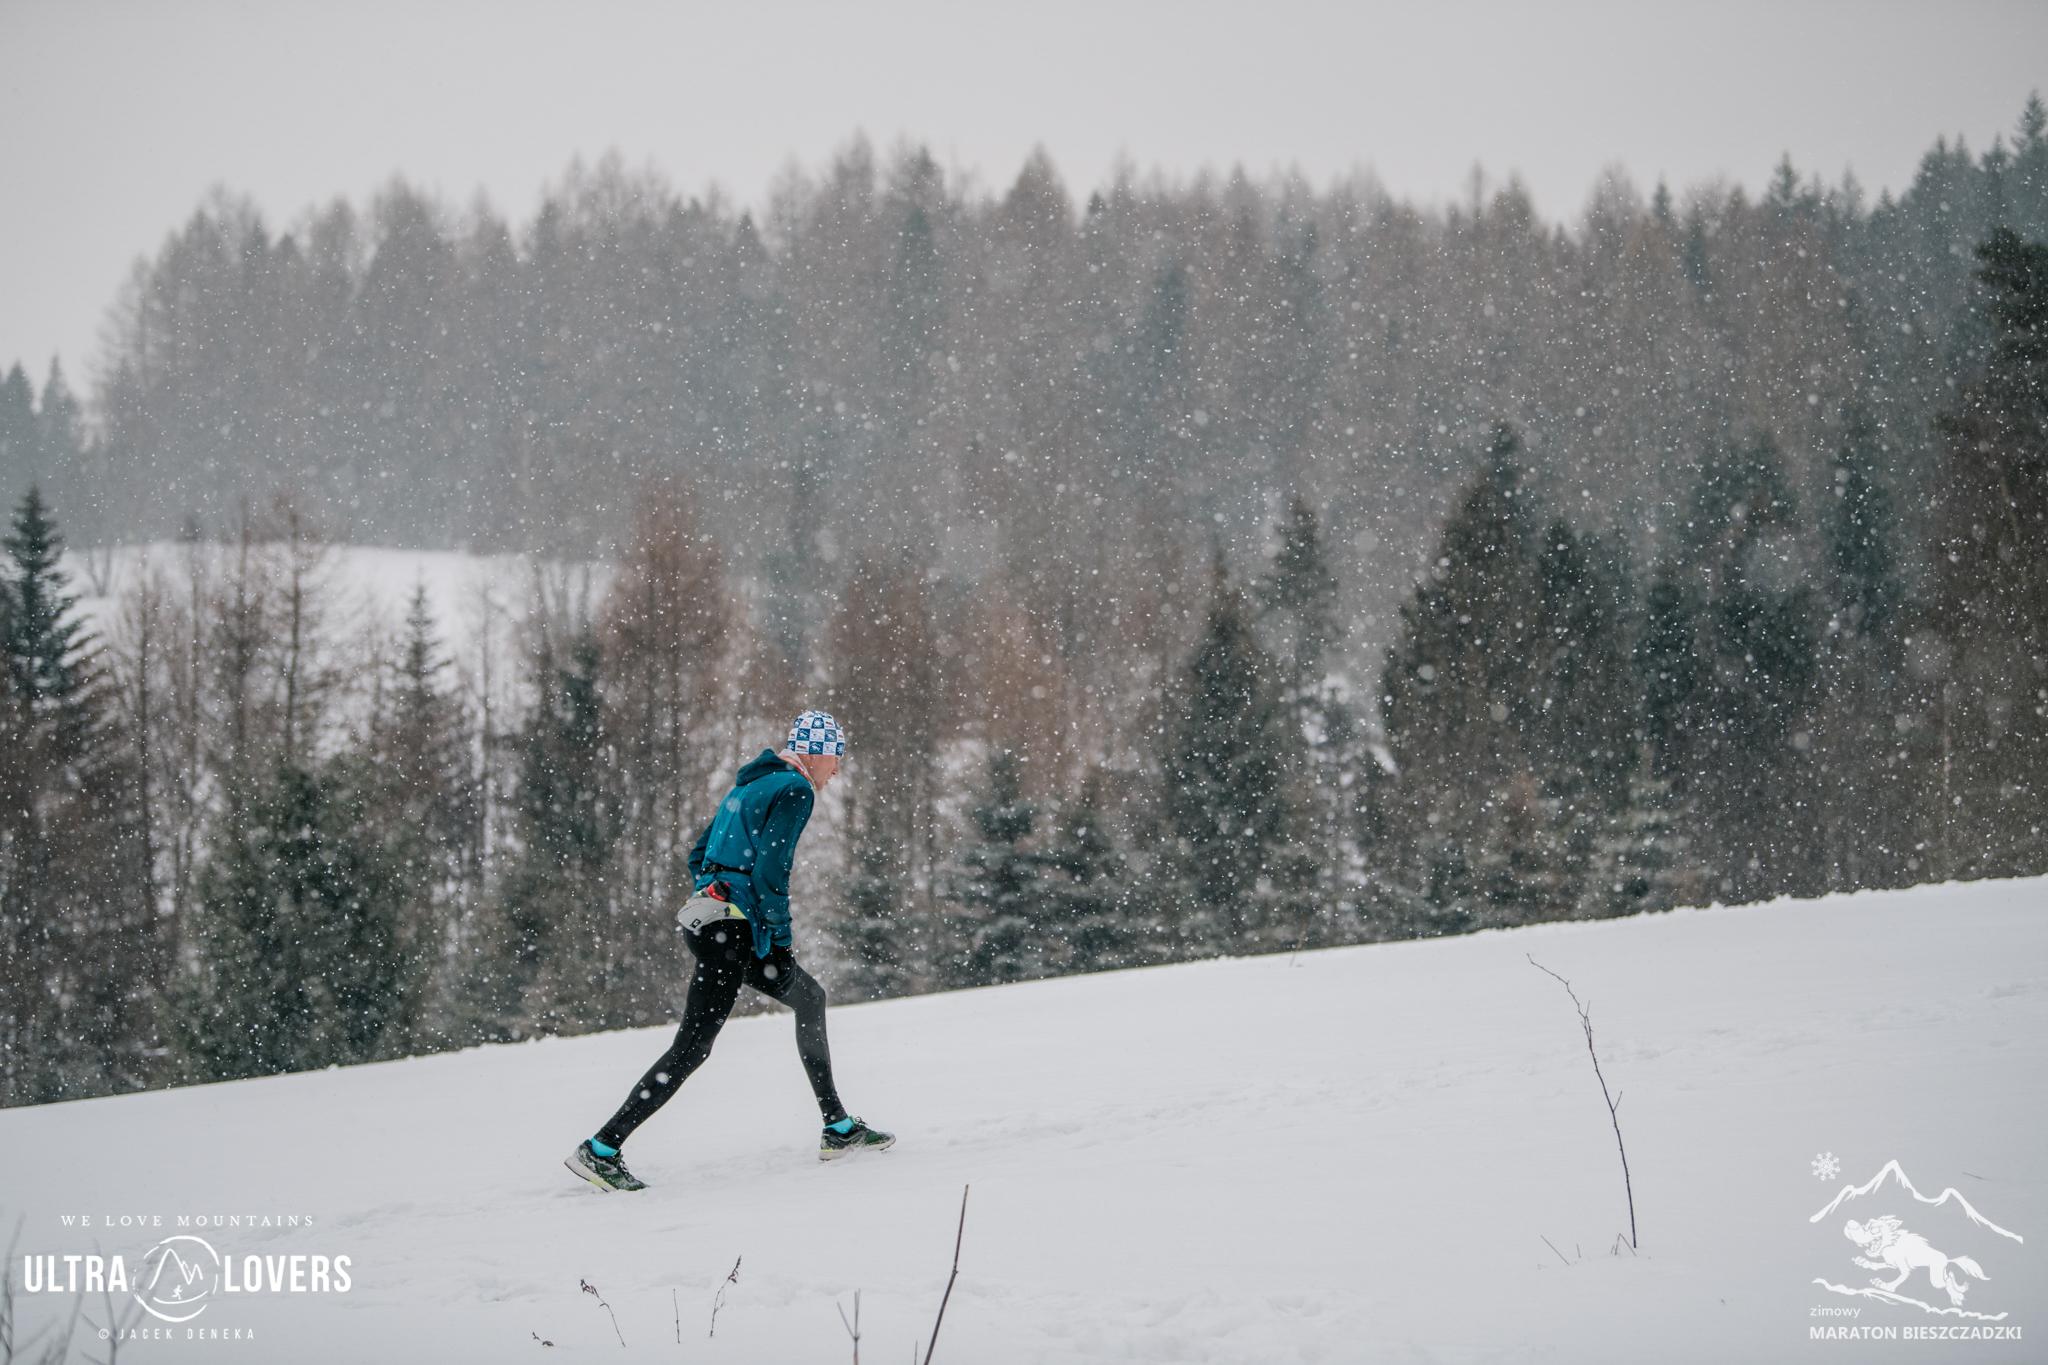 Zimowy Maraton Bieszczadzki 2021